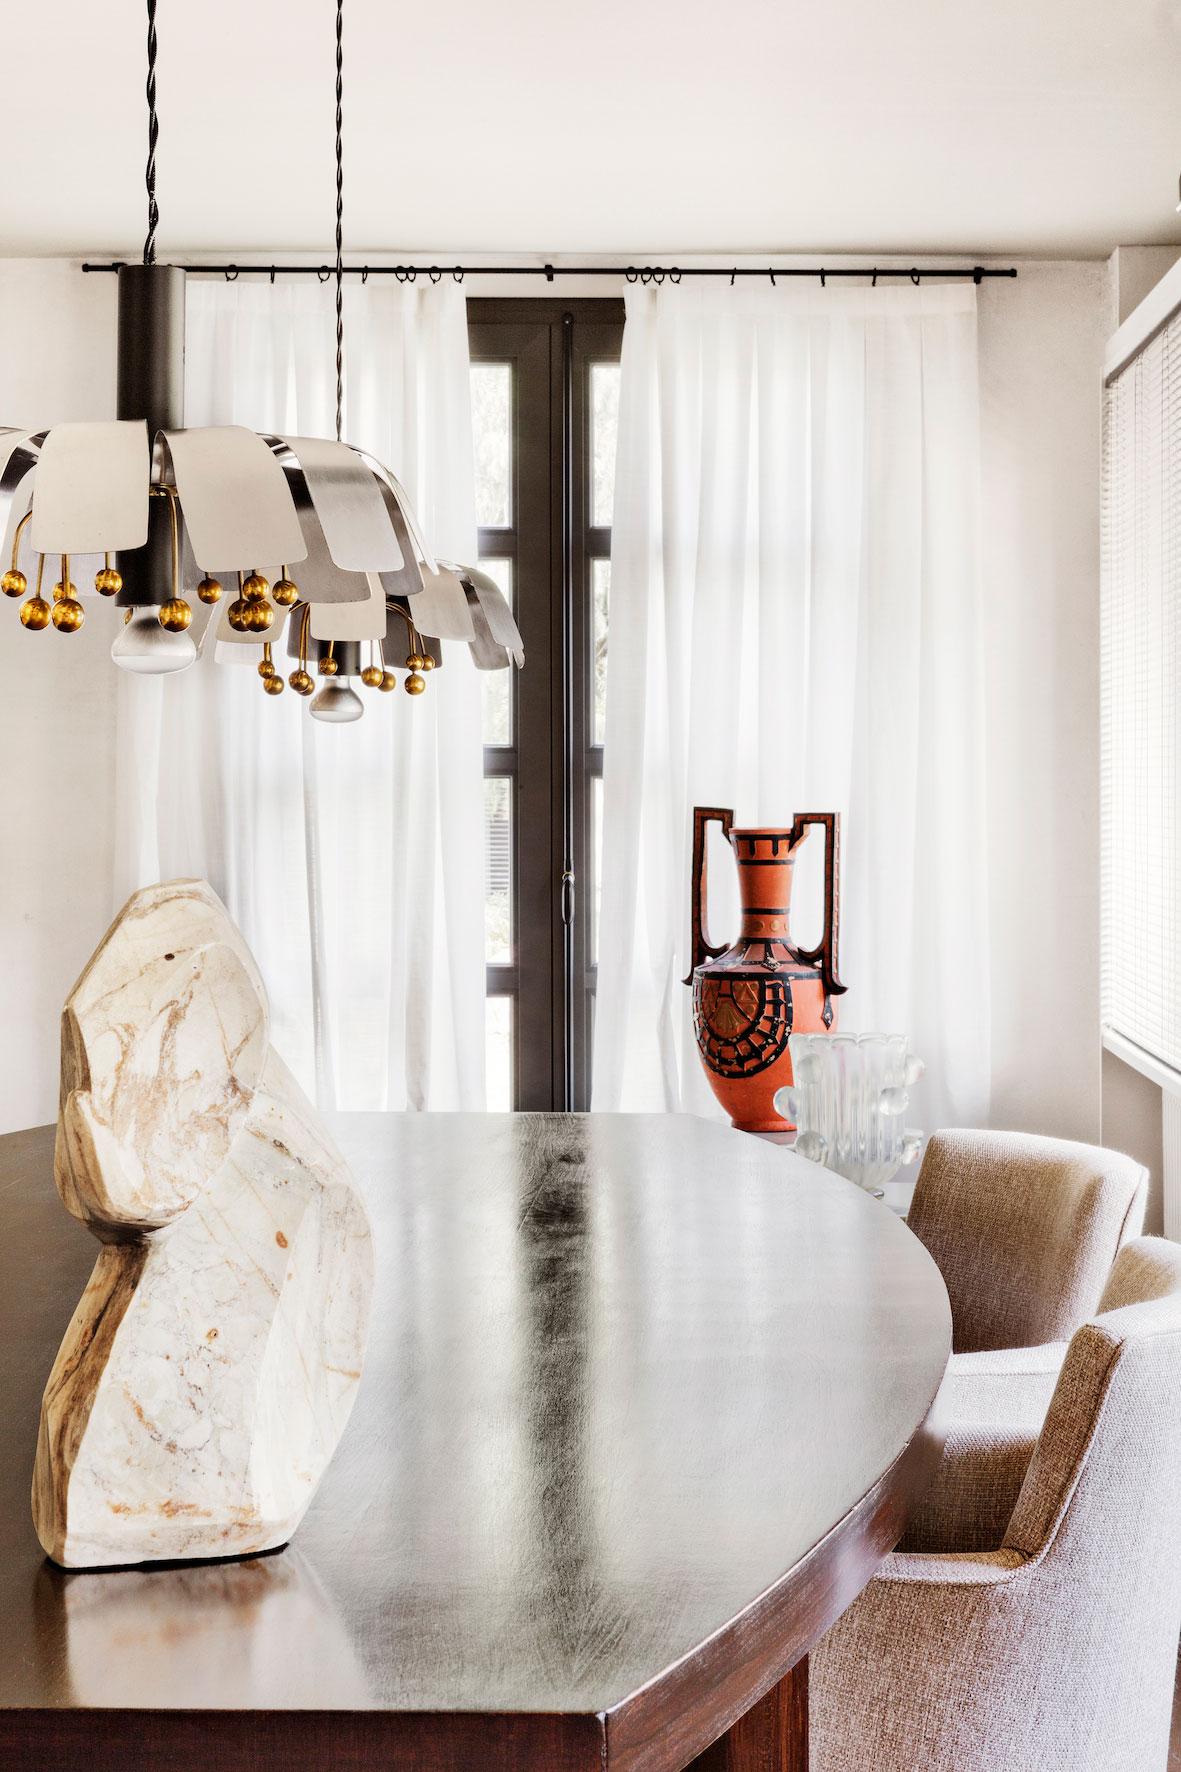 serge-castella-interiors-city-apartment-00